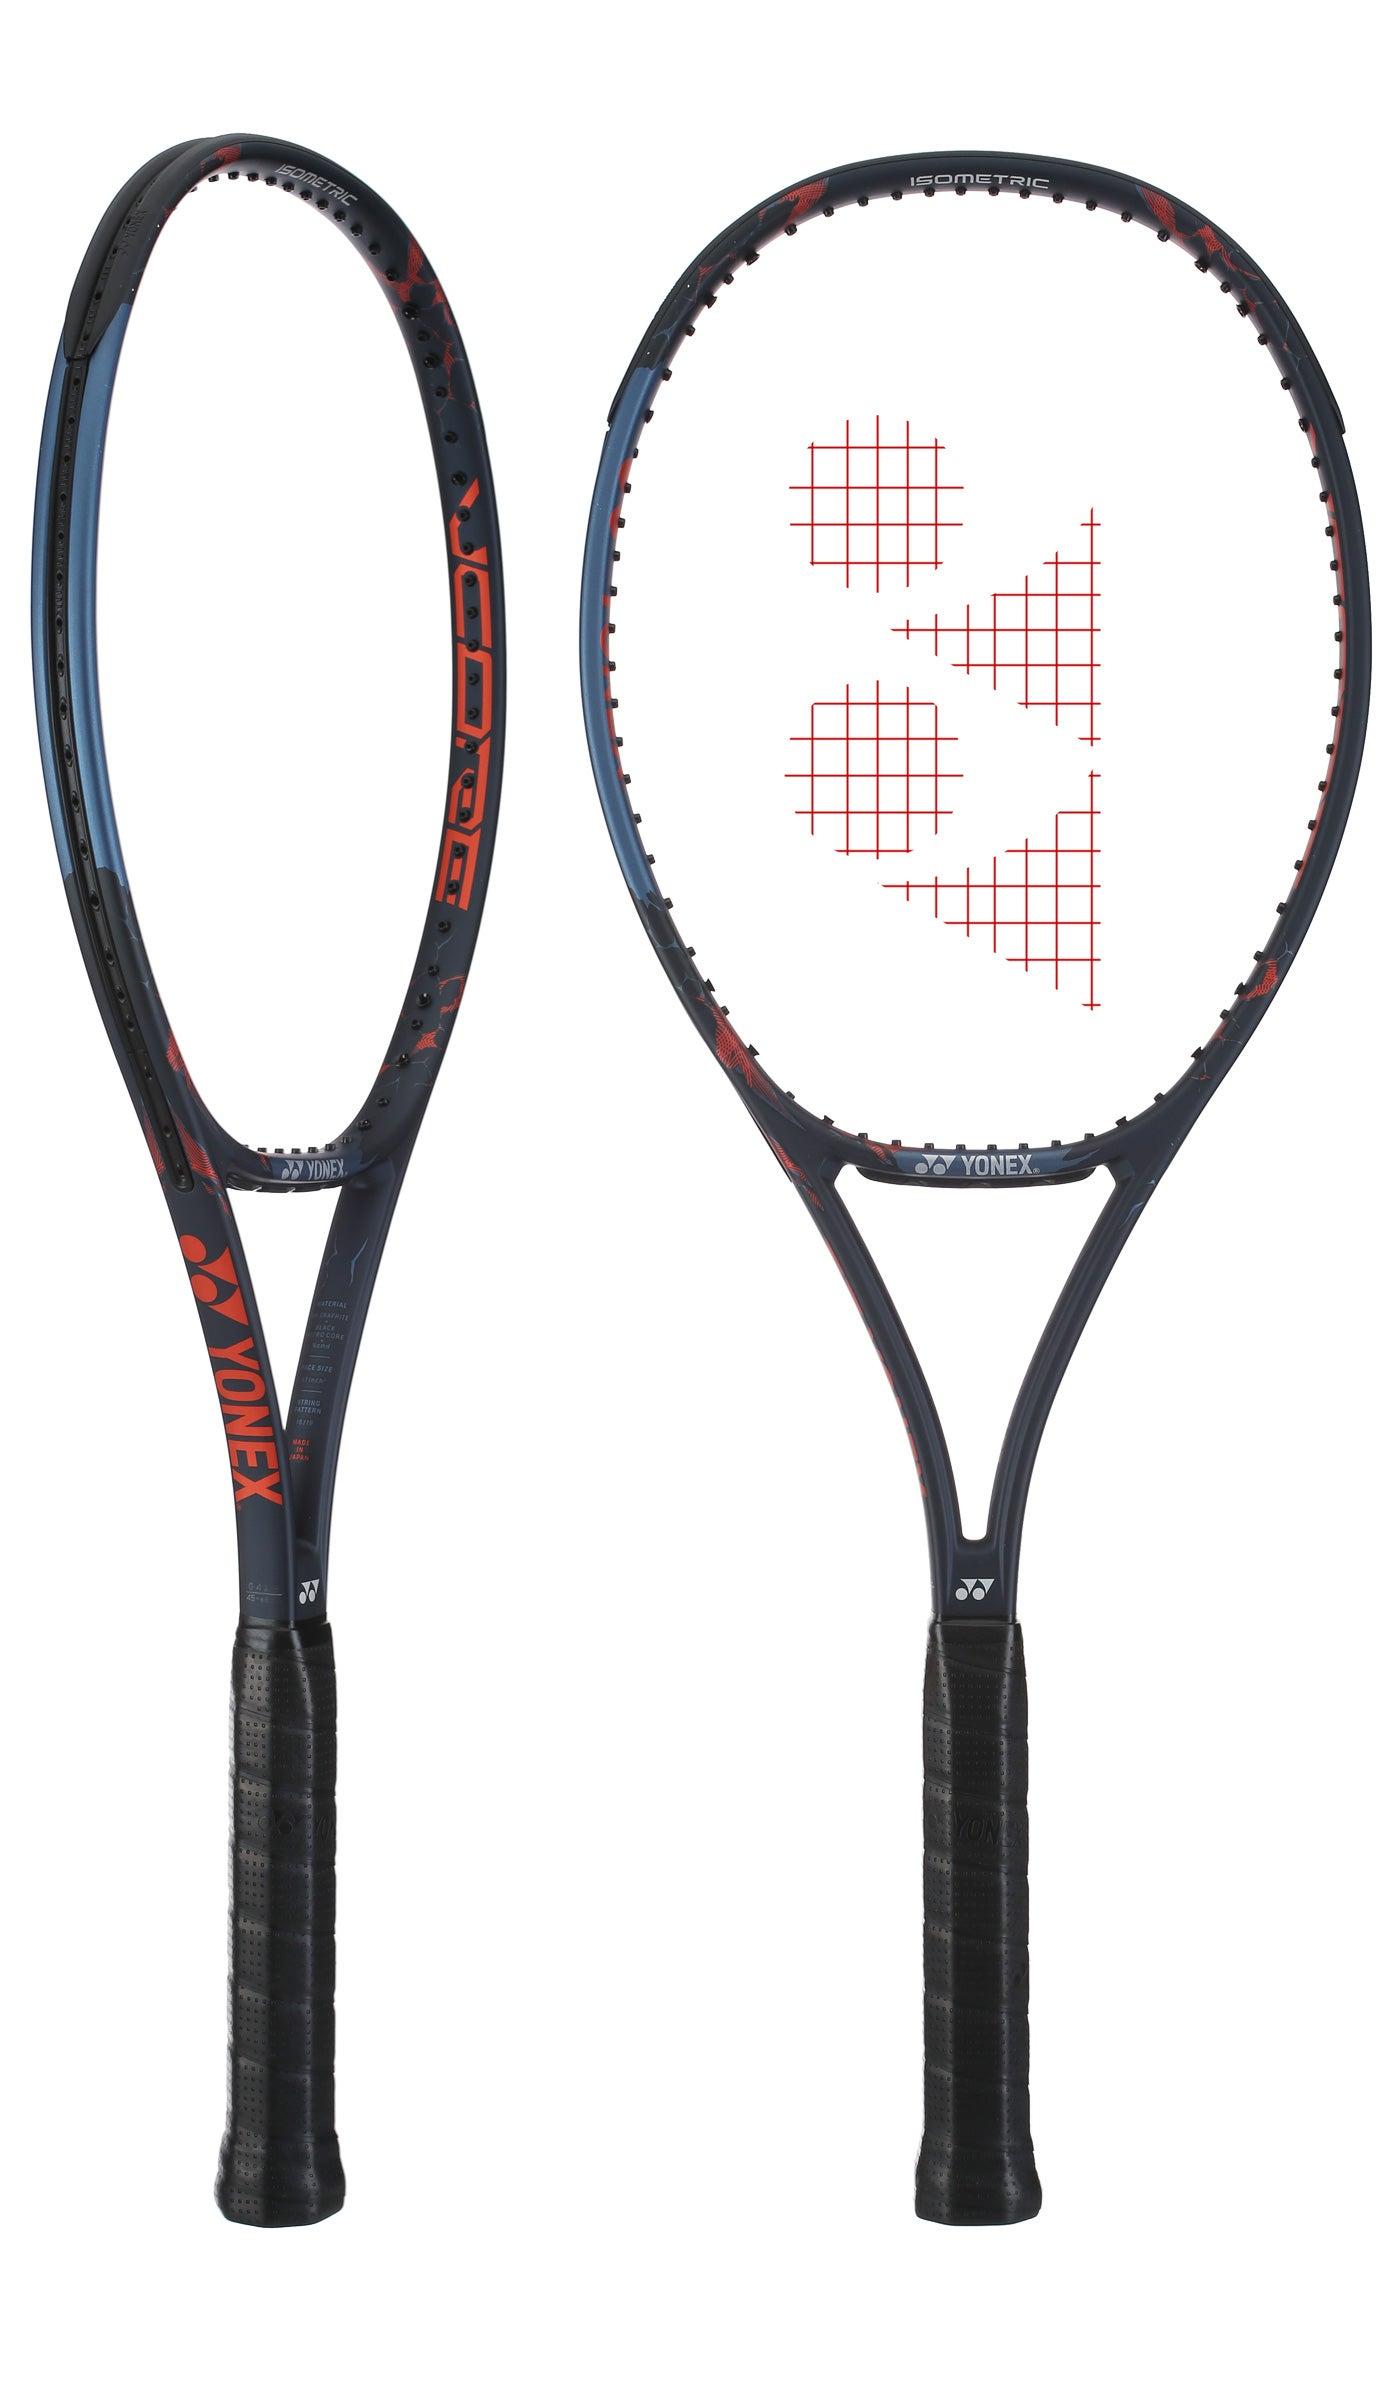 Yonex VCORE Pro 97 (310) Racquets